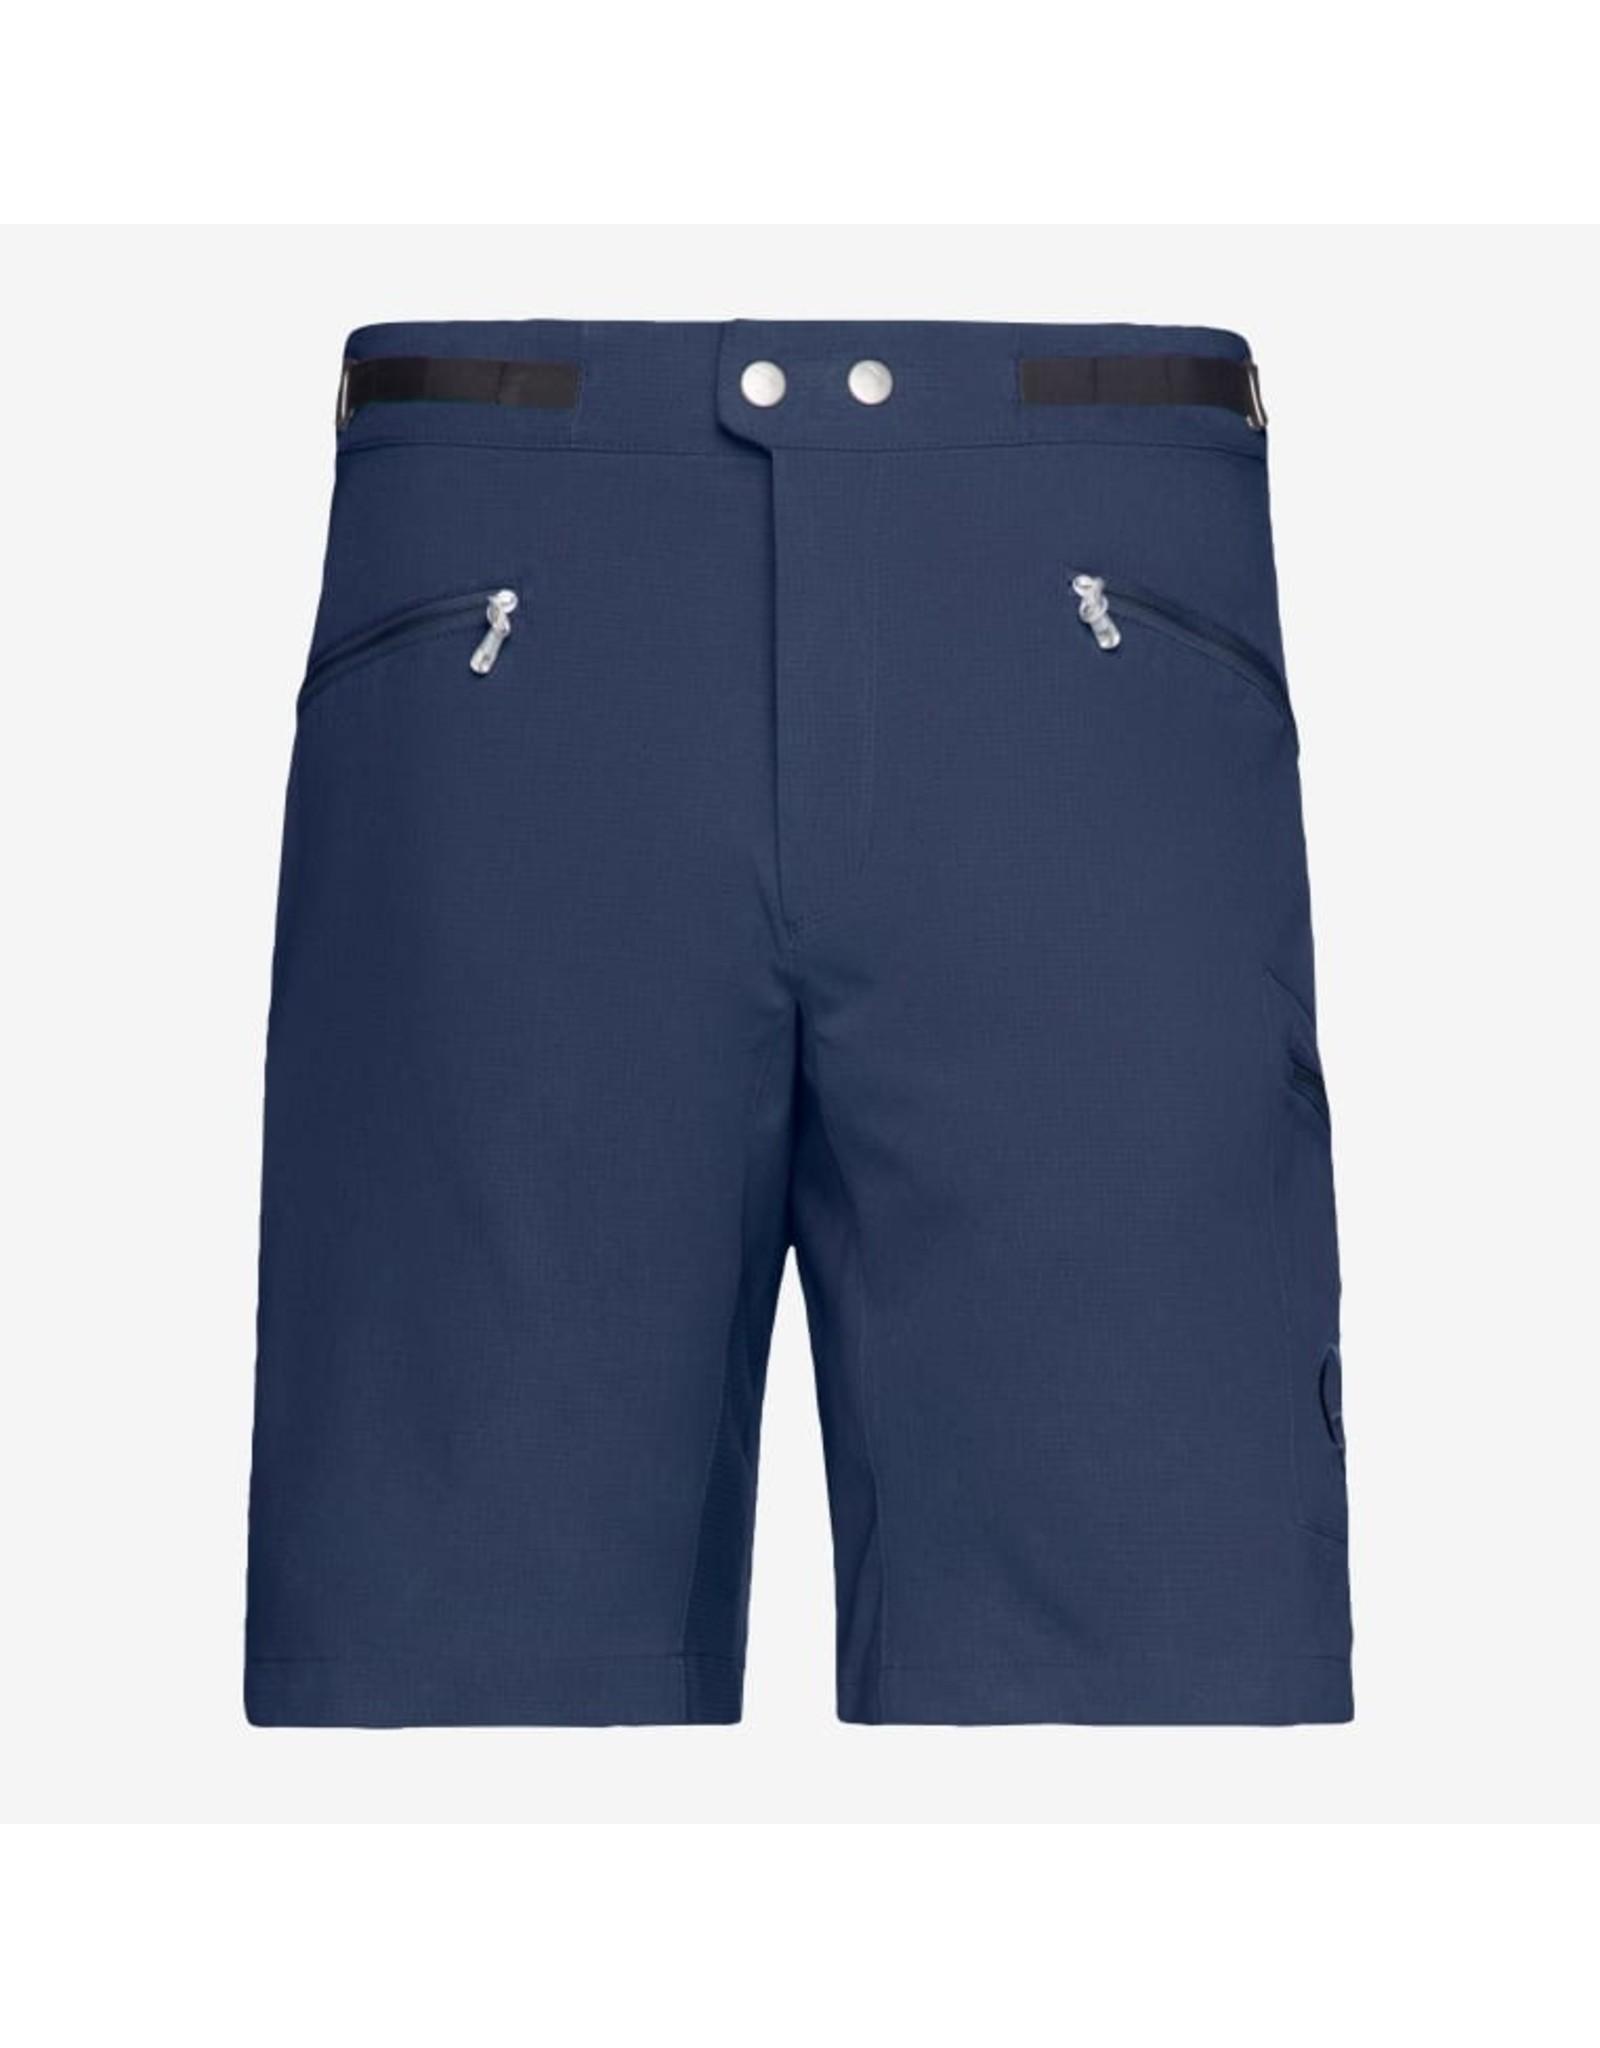 Bitihorn Flex Short